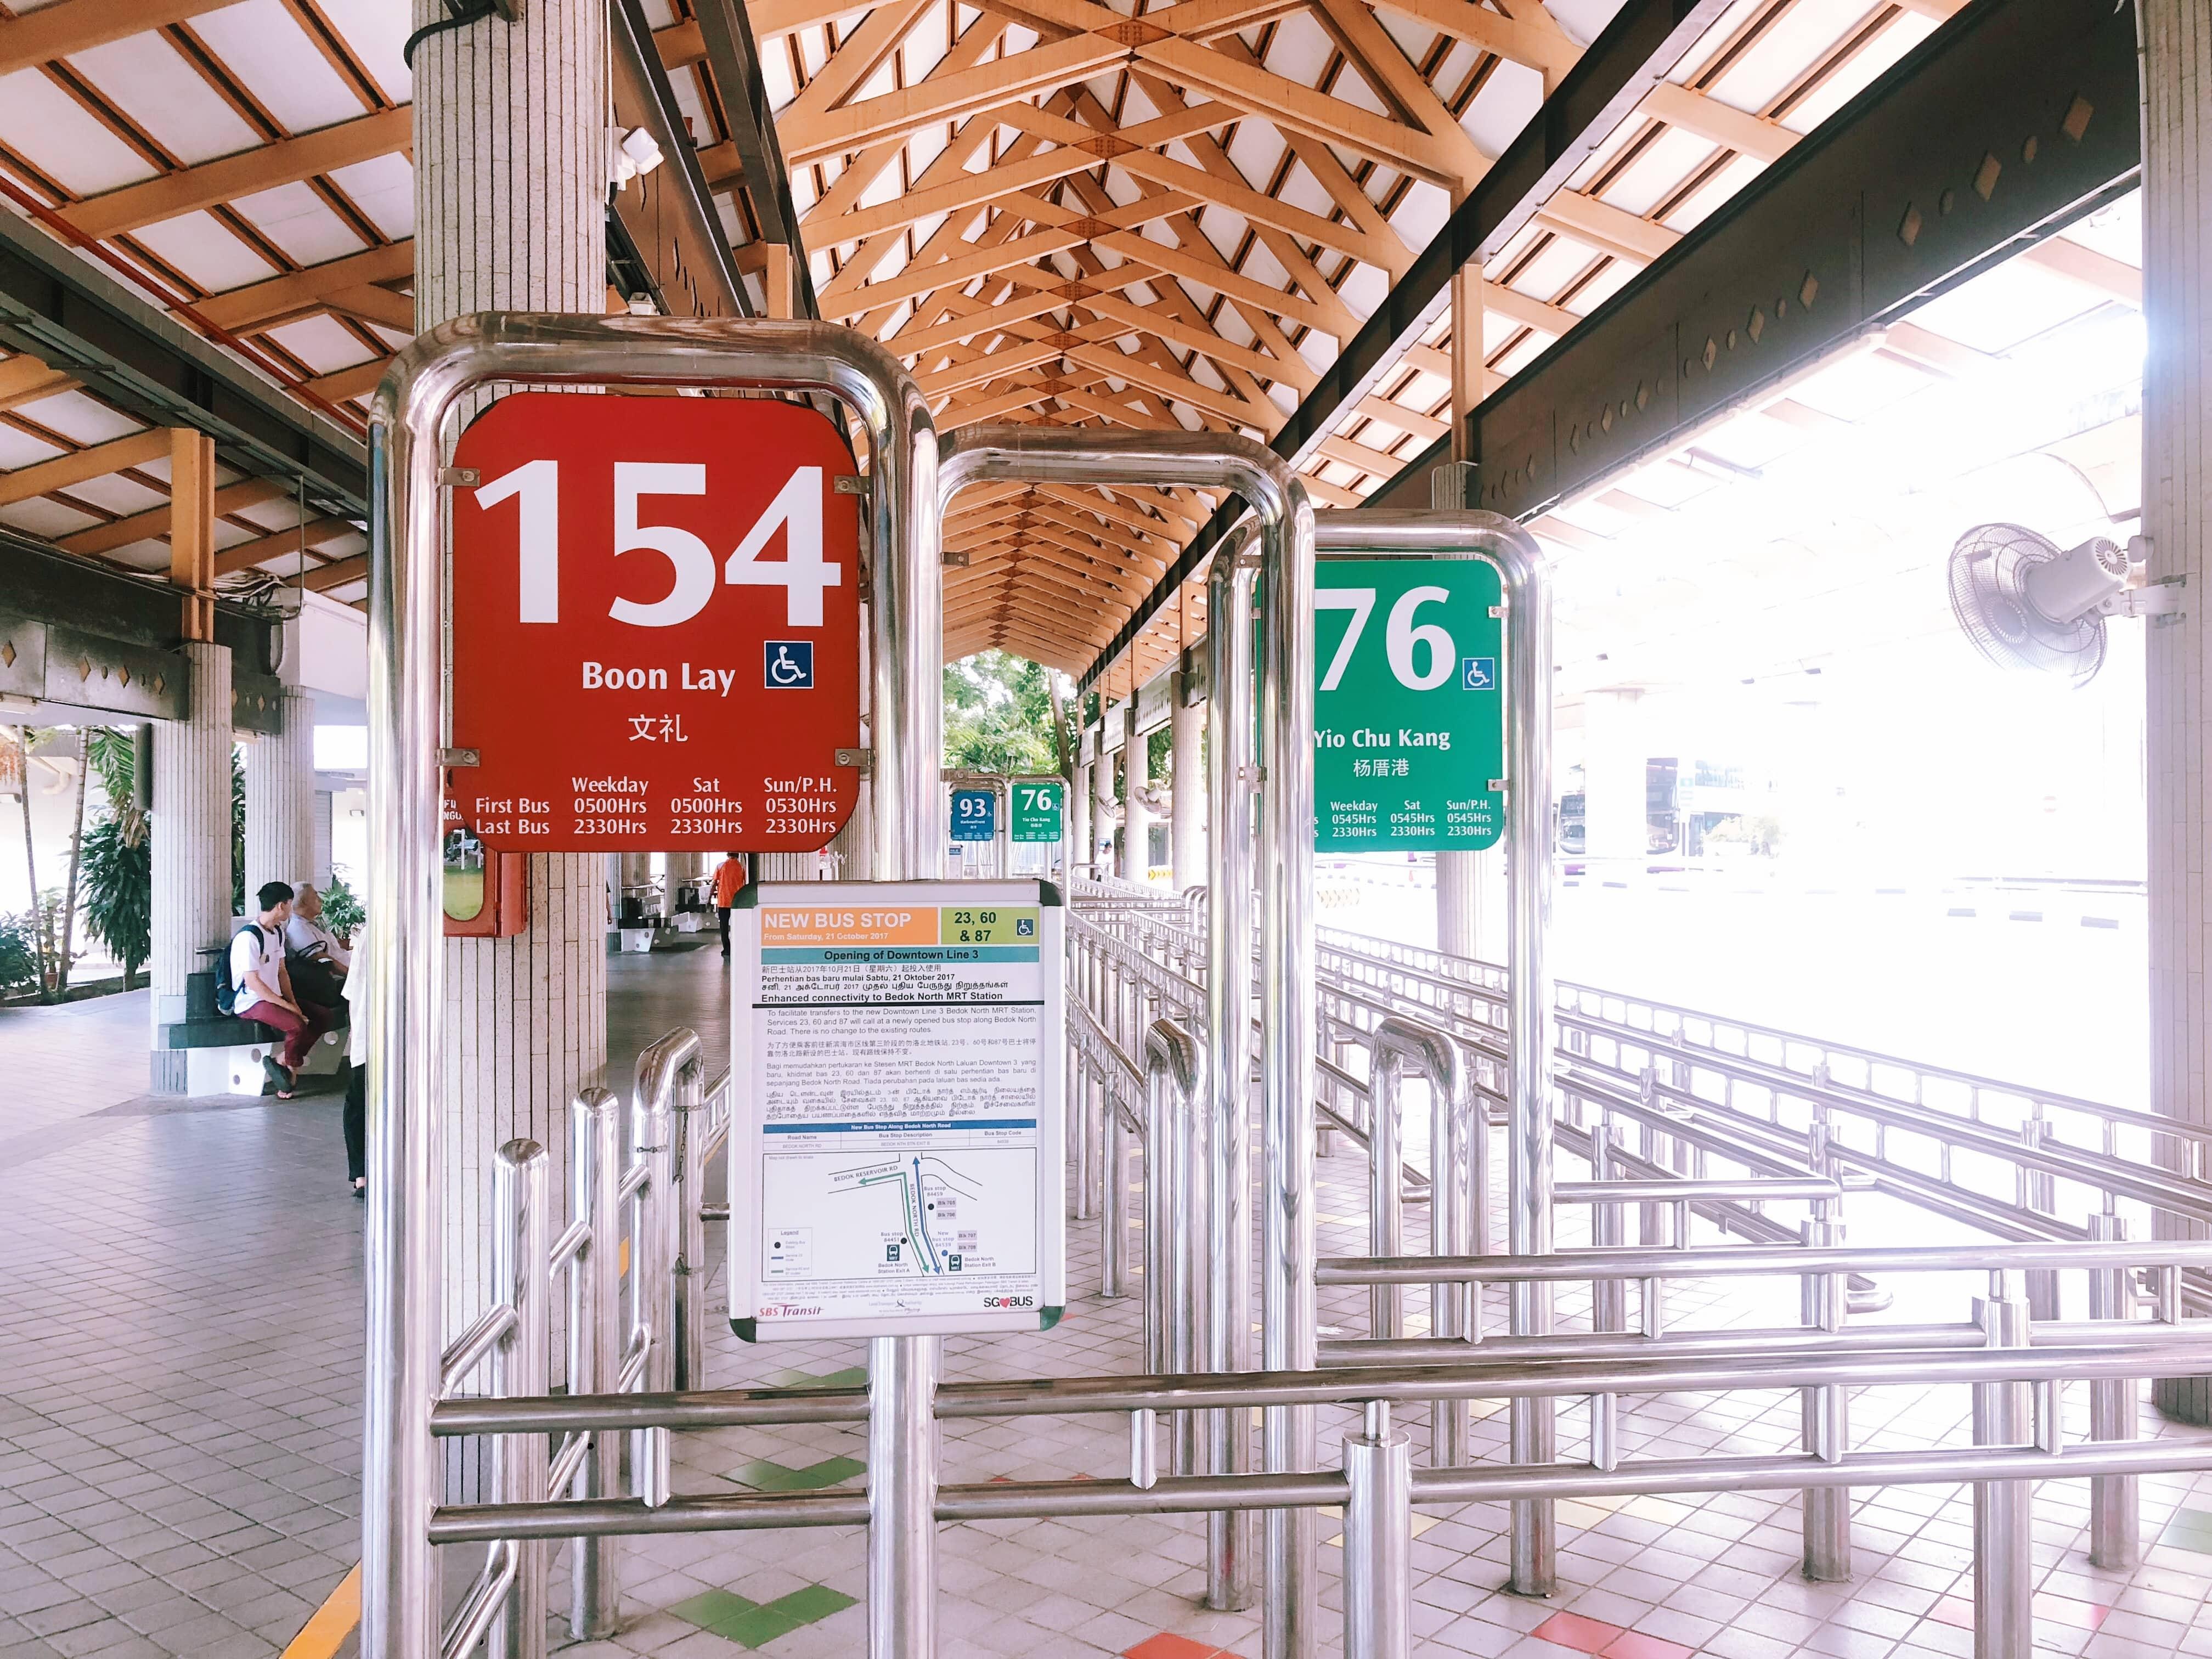 trạm chờ xe bus 154 và 76